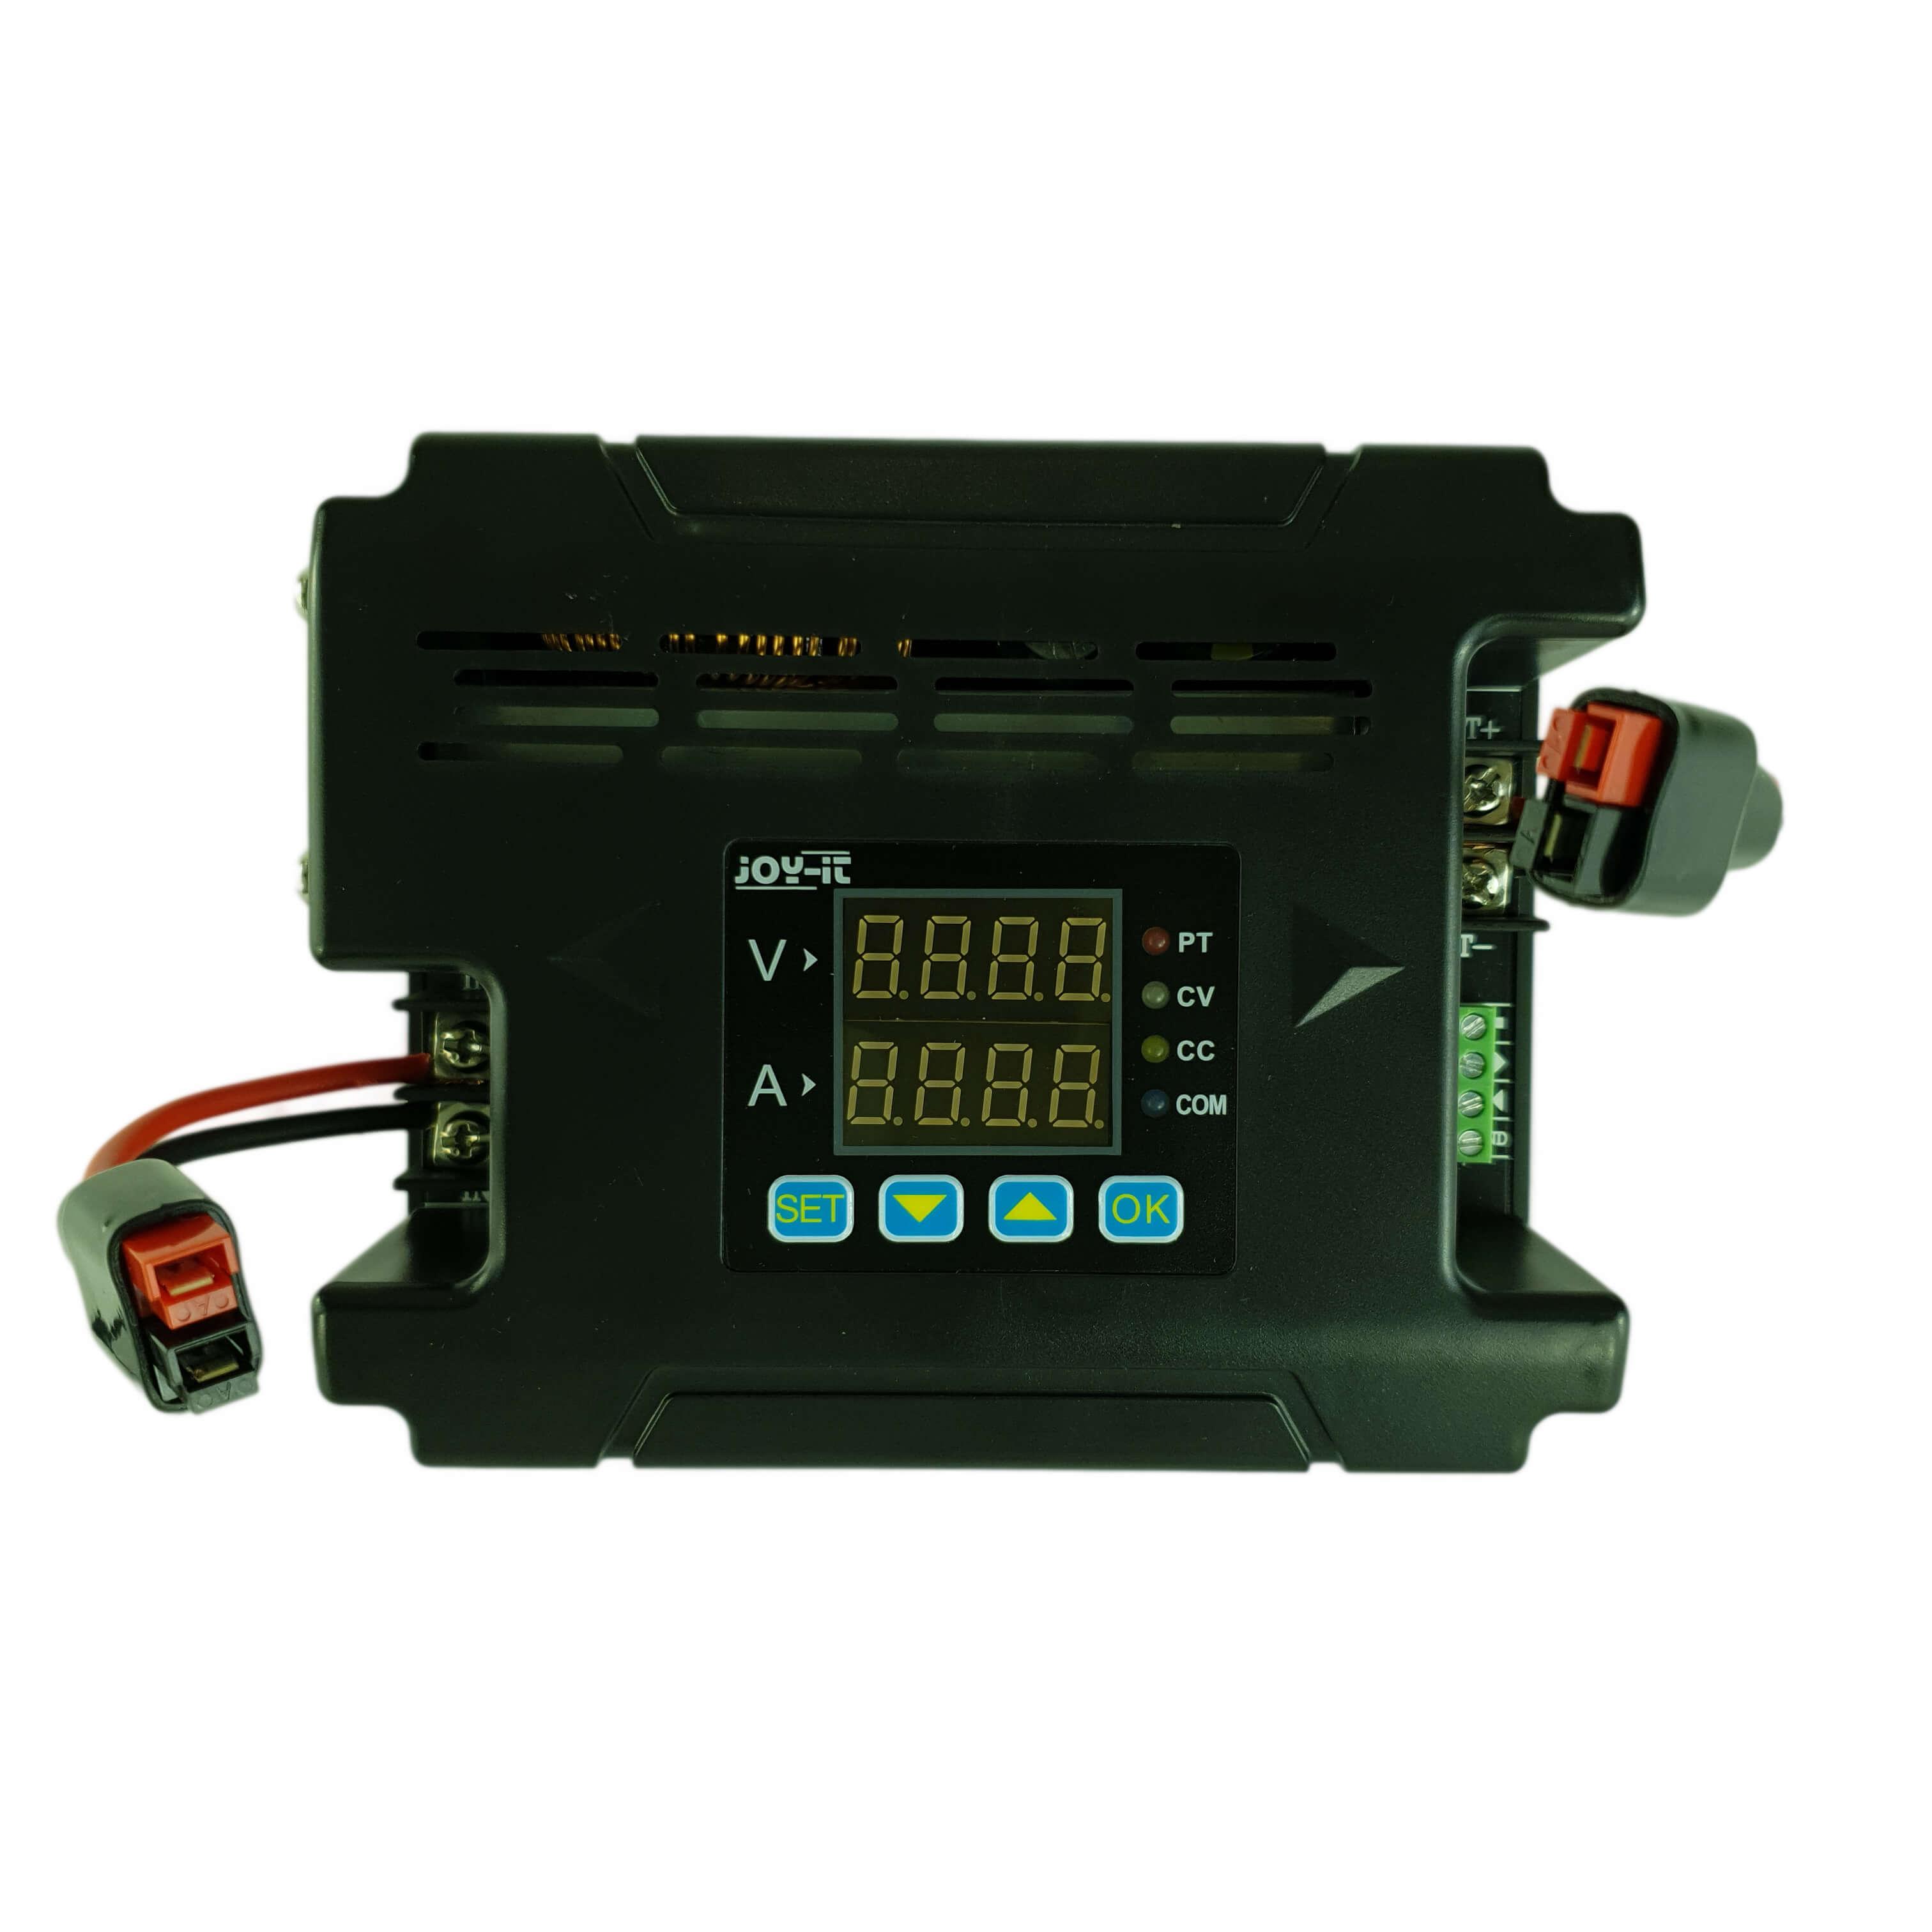 Mithilfe des Spannungsreglers kann die Ausgangsspannung des Oekotrainers auf 14,4 Volt stabilisiert werden.